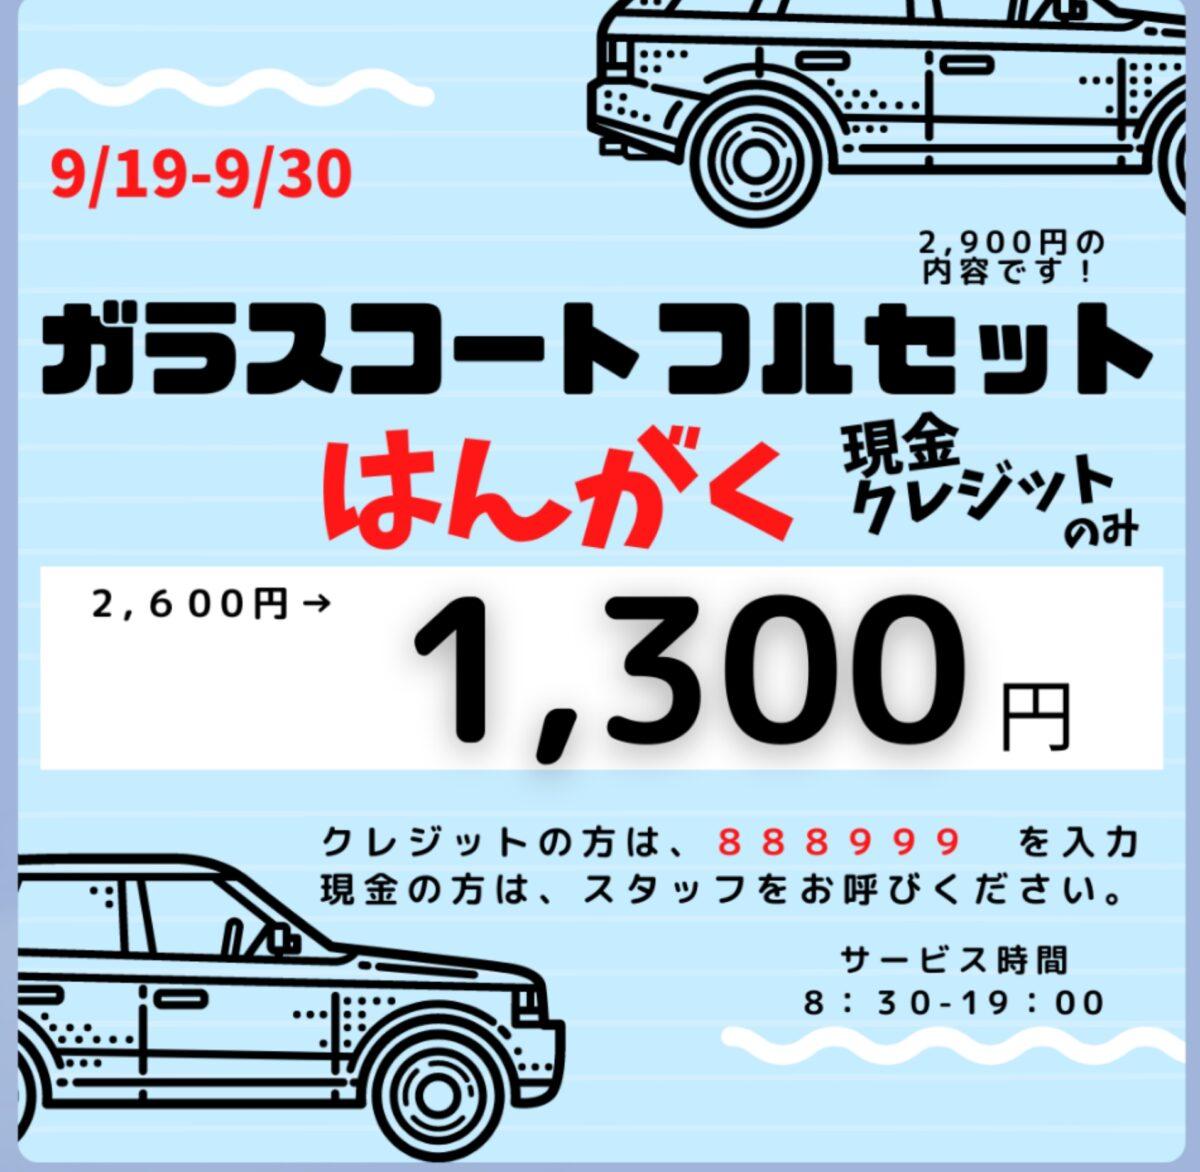 セルフ洗車機キャンペーン